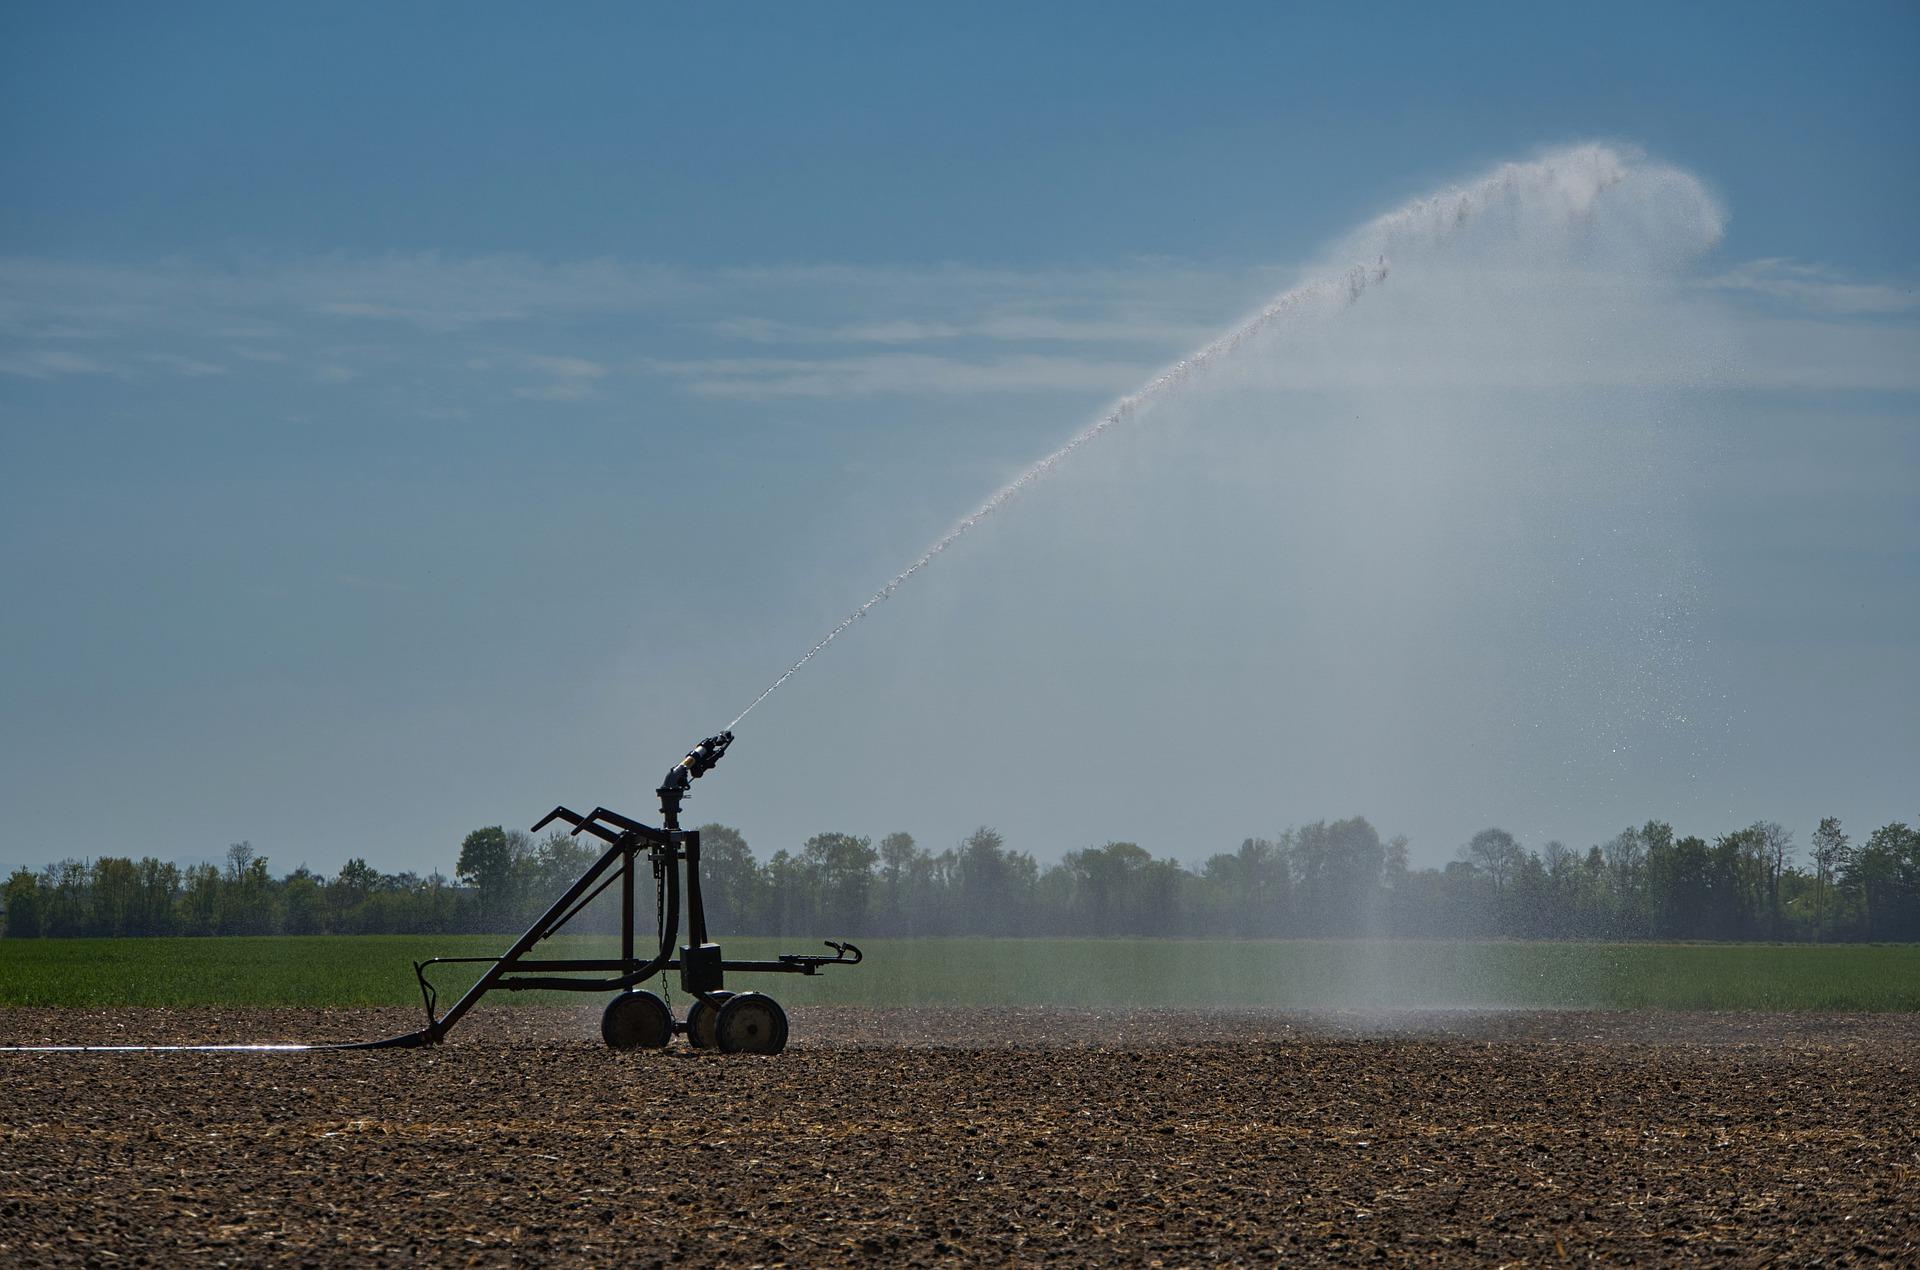 wateropslag en waterverbruik - steeds vaker droogte in Nederland